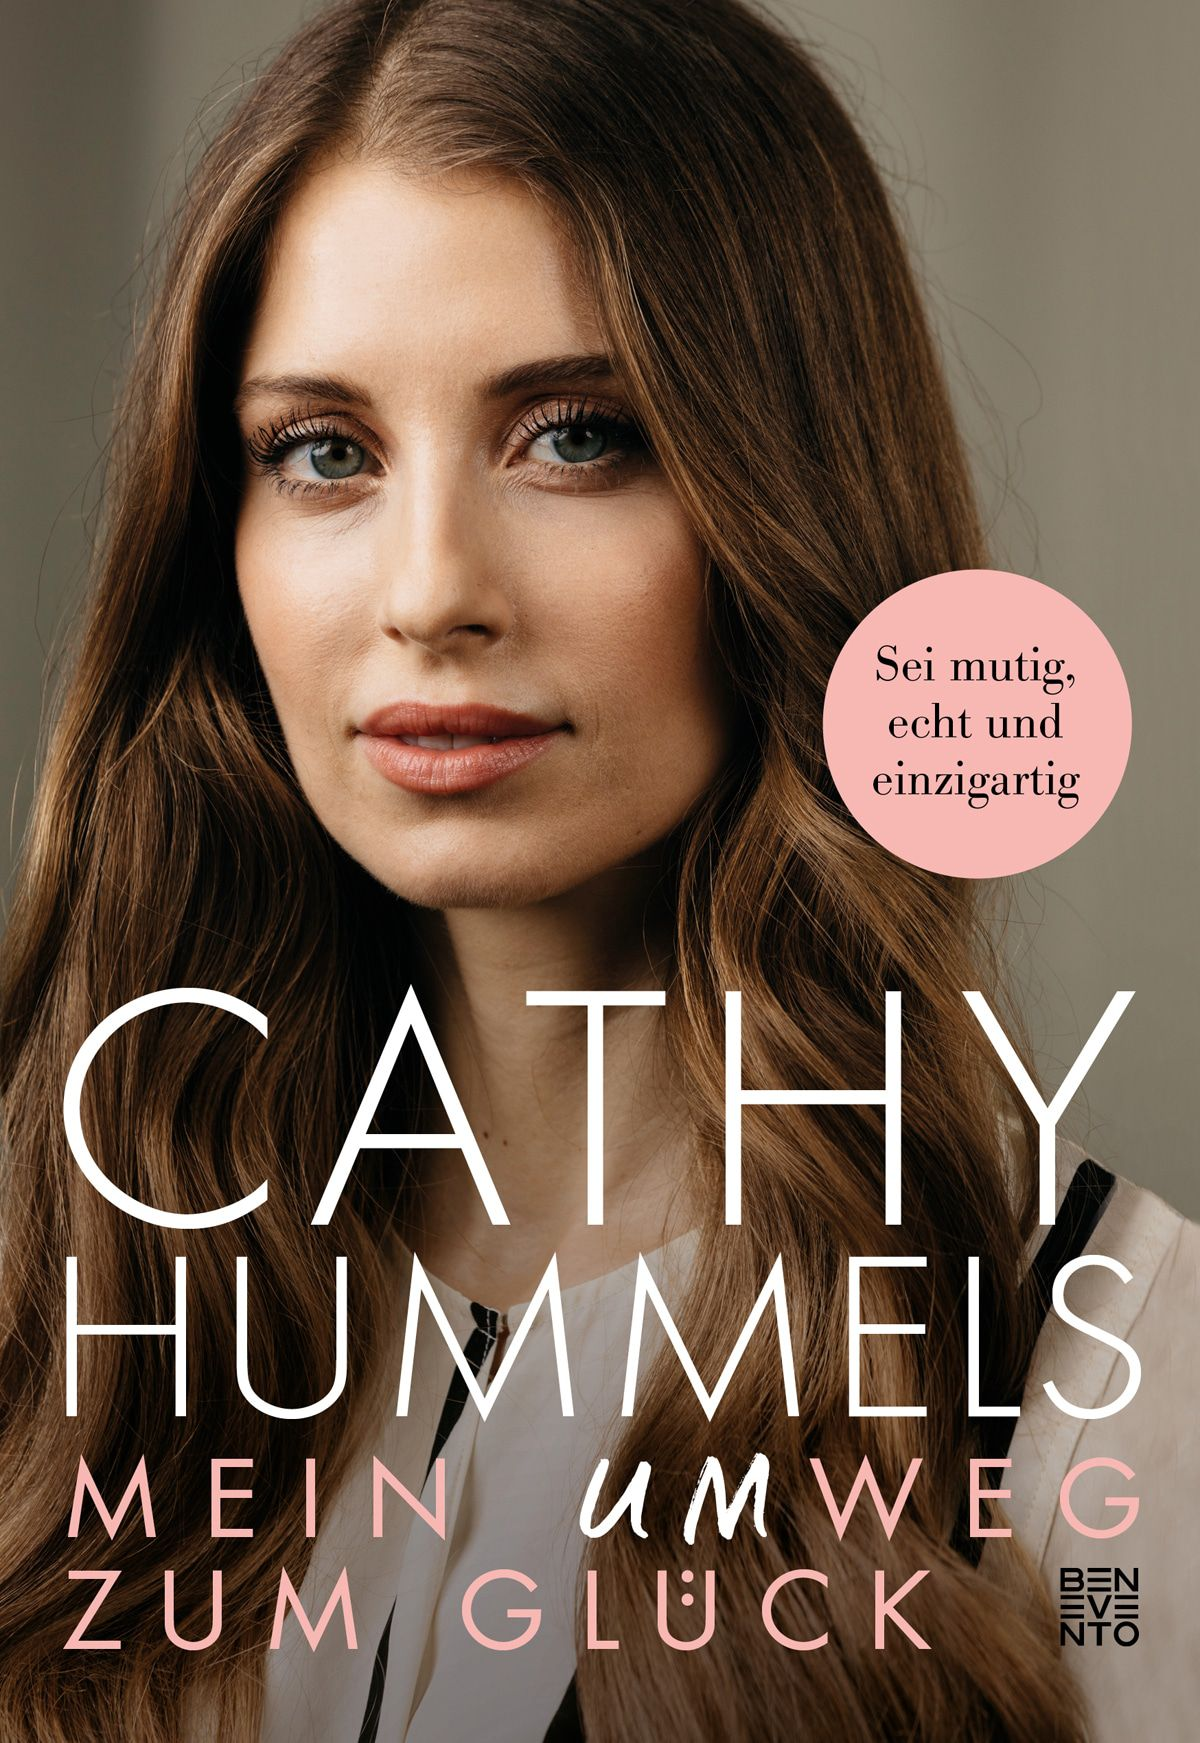 """Cathy Hummels als Buchautorin: """"Ich hatte mein Lachen verloren"""""""